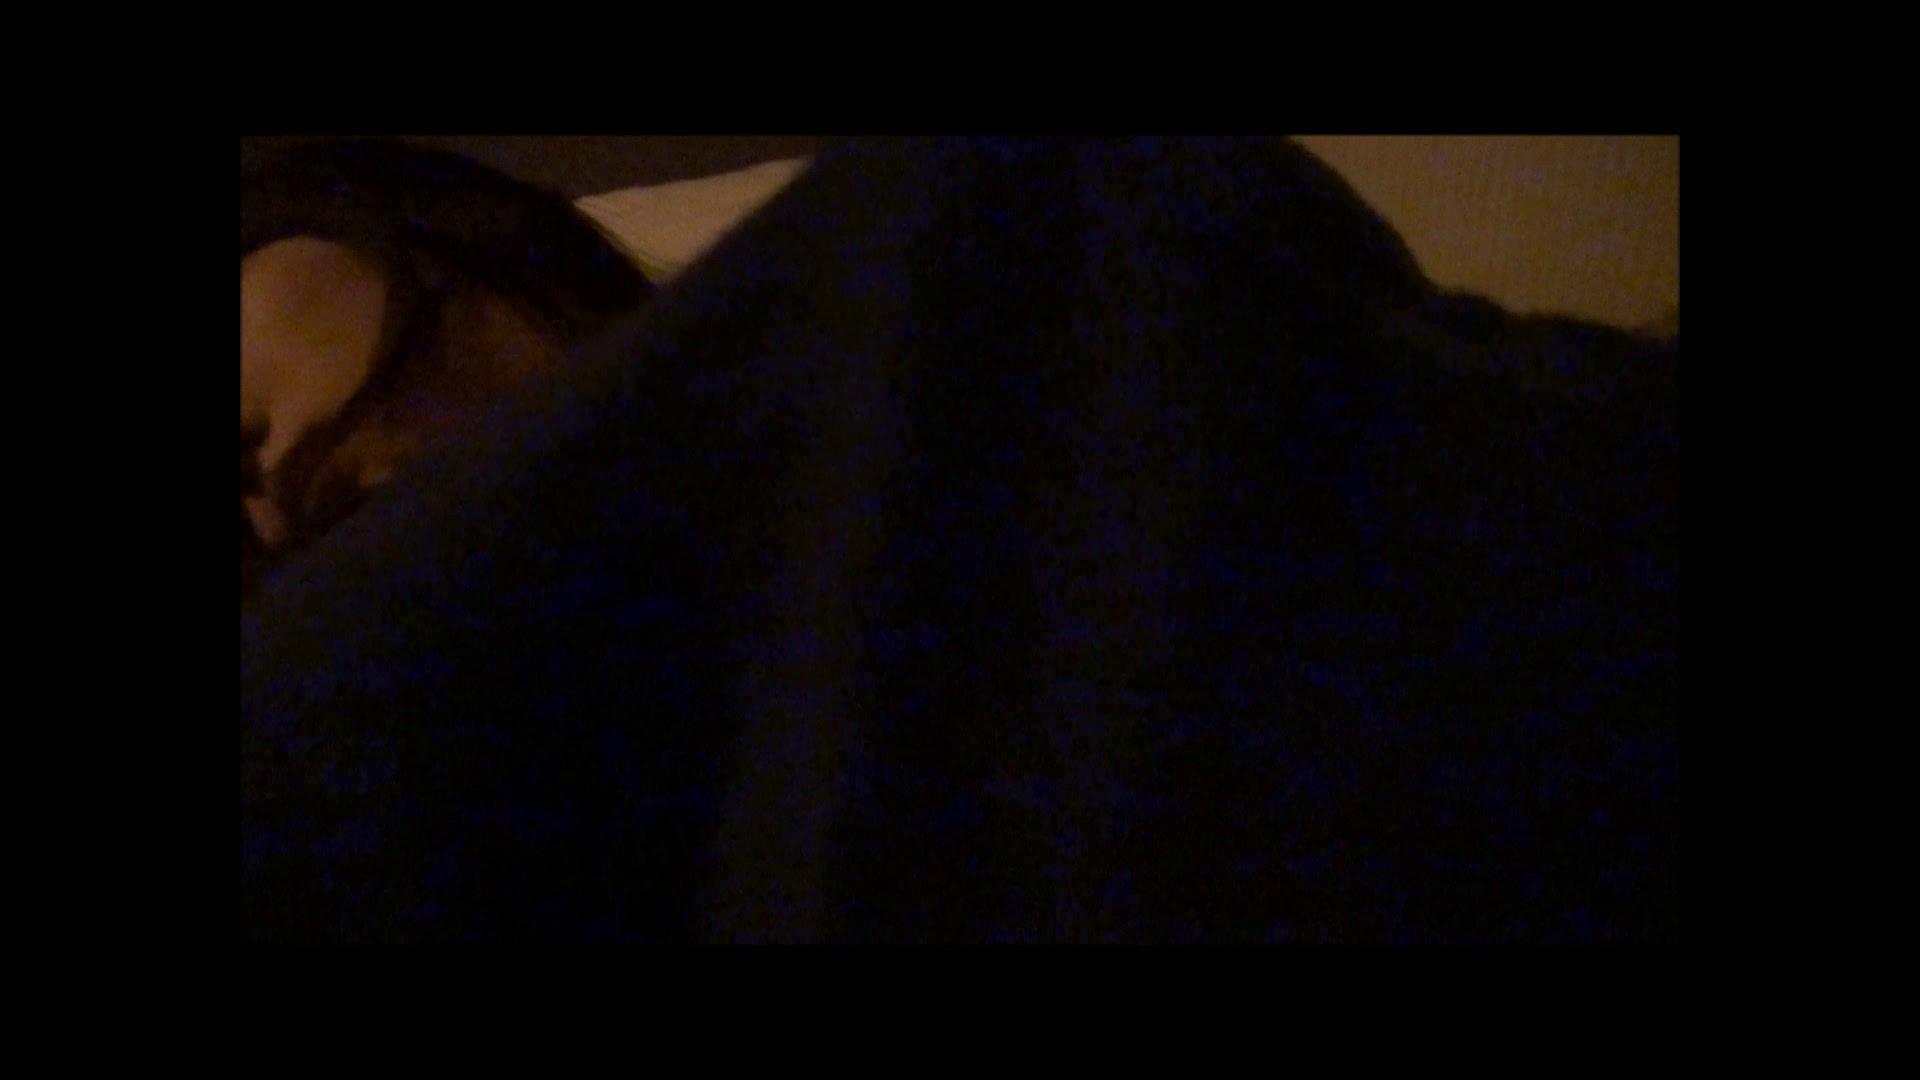 無料アダルト動画:vol.44 【Miiちゃん(2回目)】駅地下FSモール靴屋店員20歳:怪盗ジョーカー